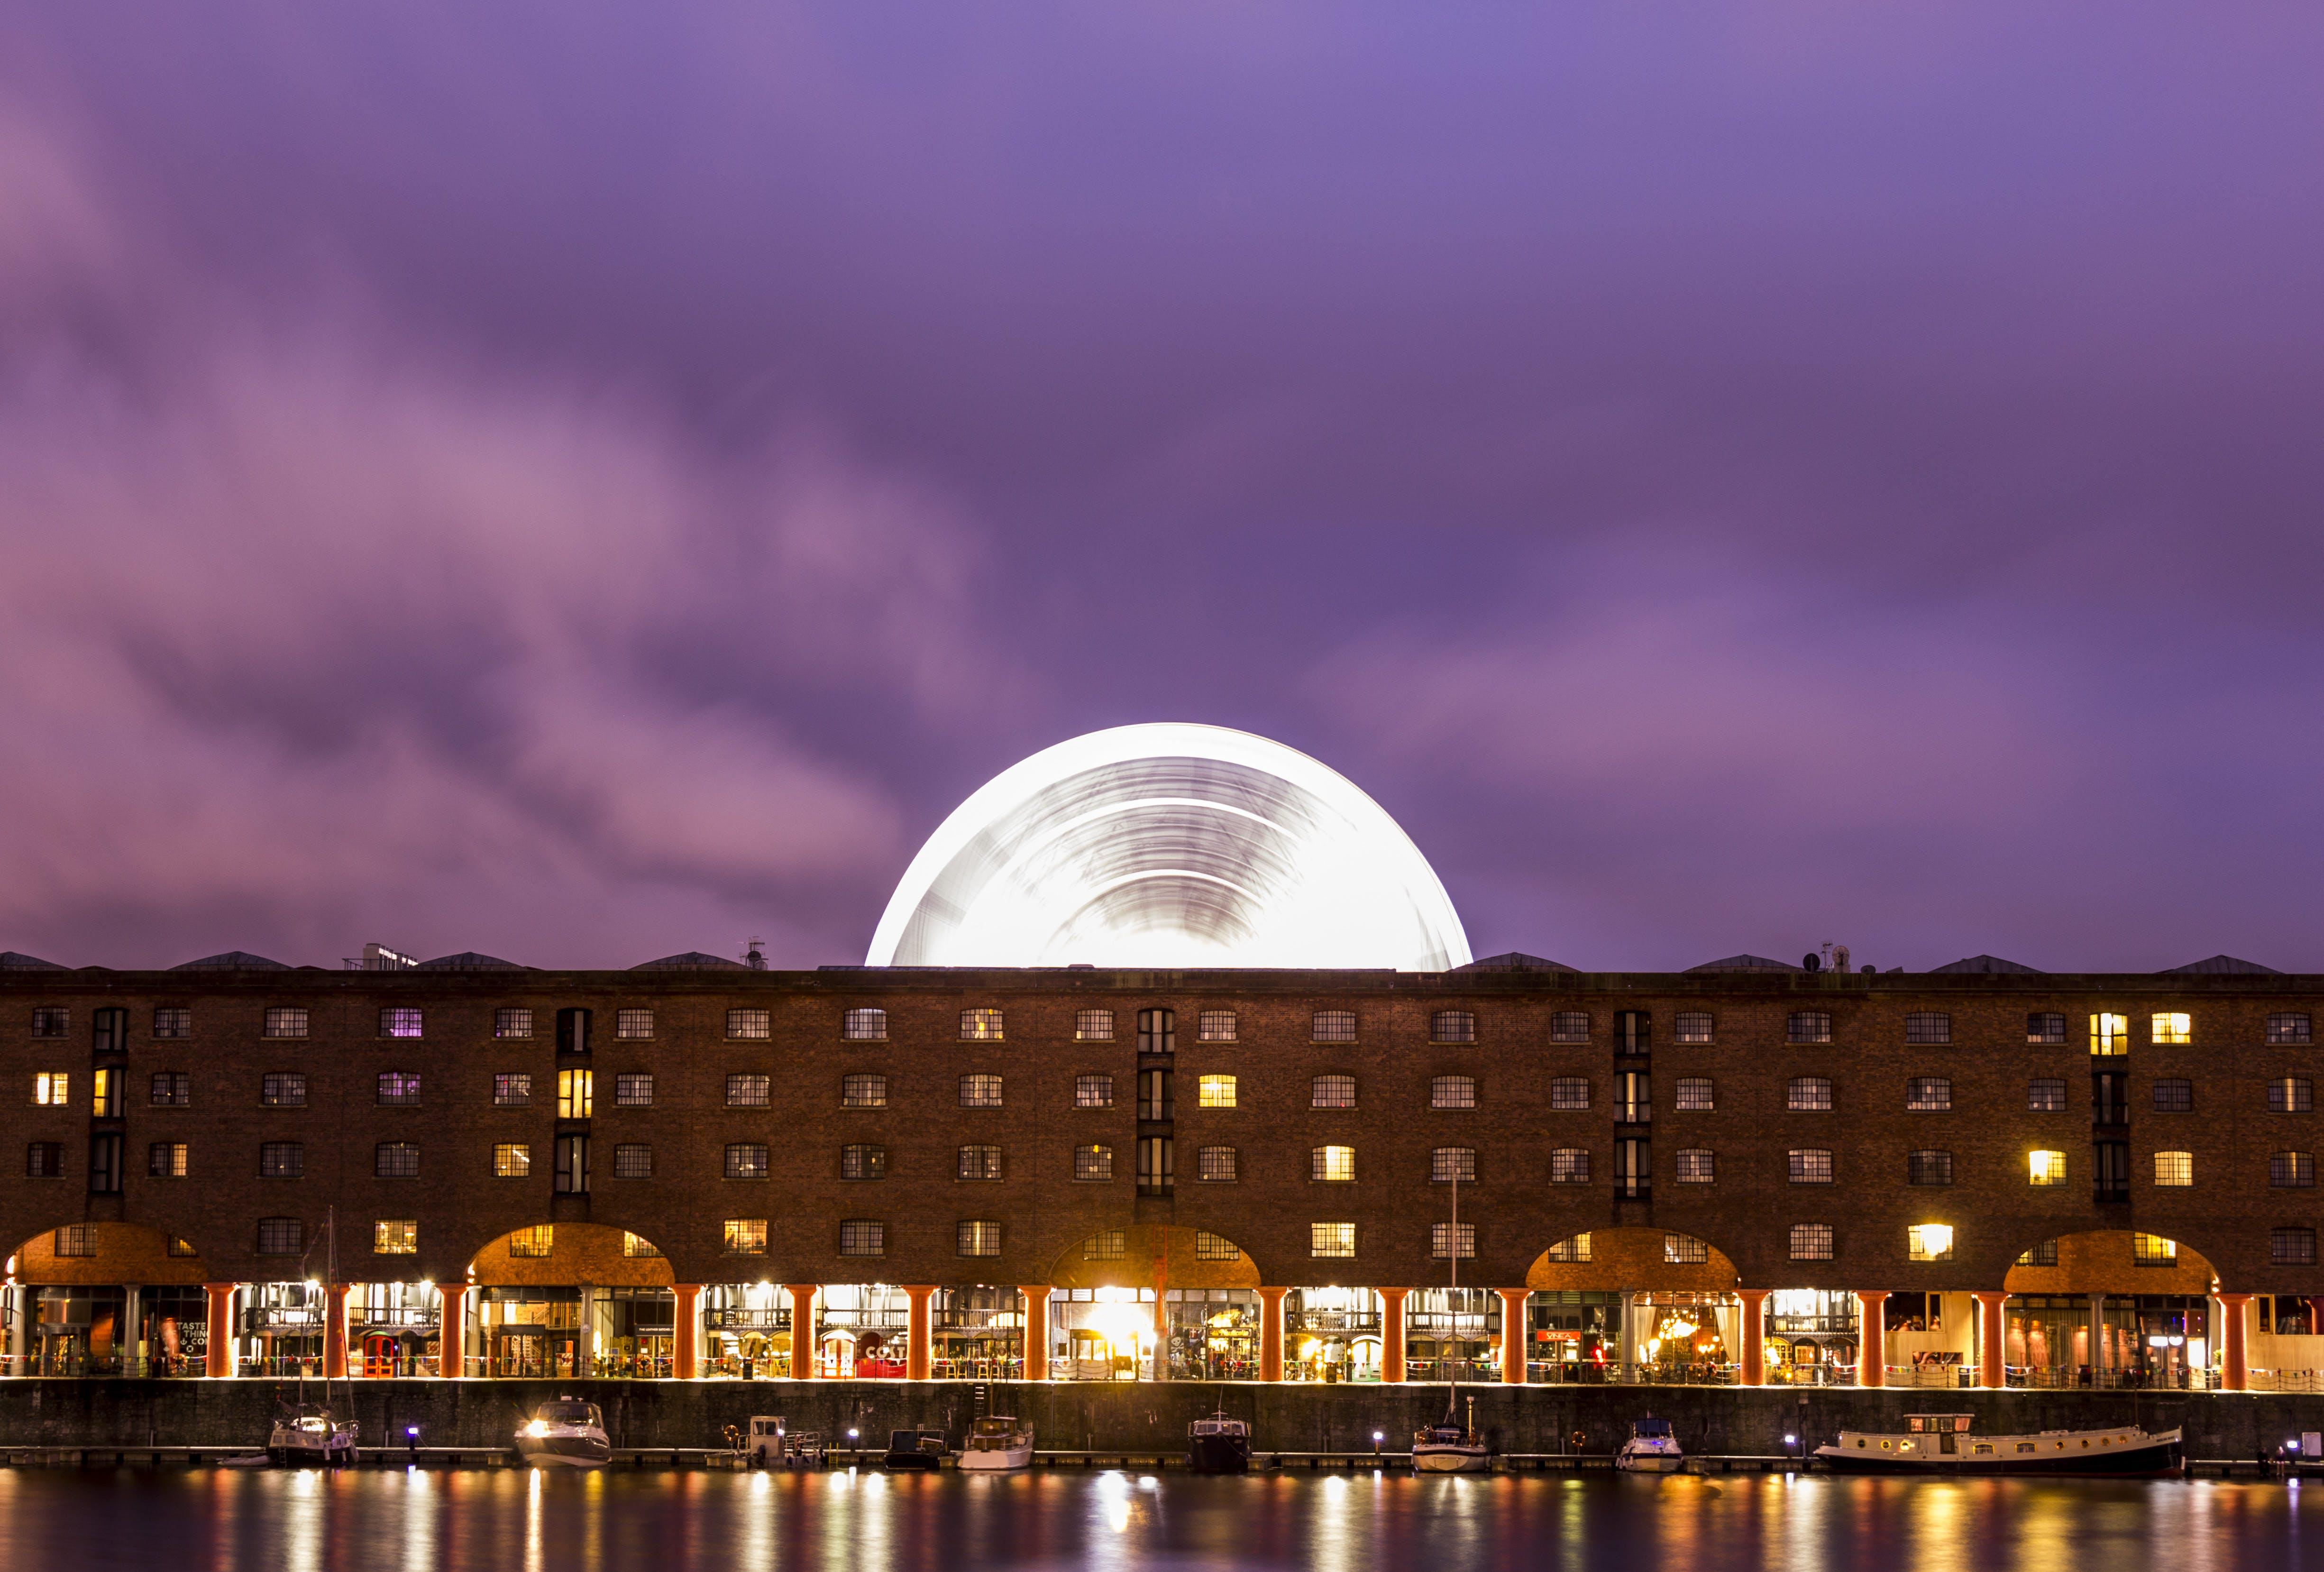 Kostenloses Stock Foto zu abend, albert dock, architektur, beleuchtet